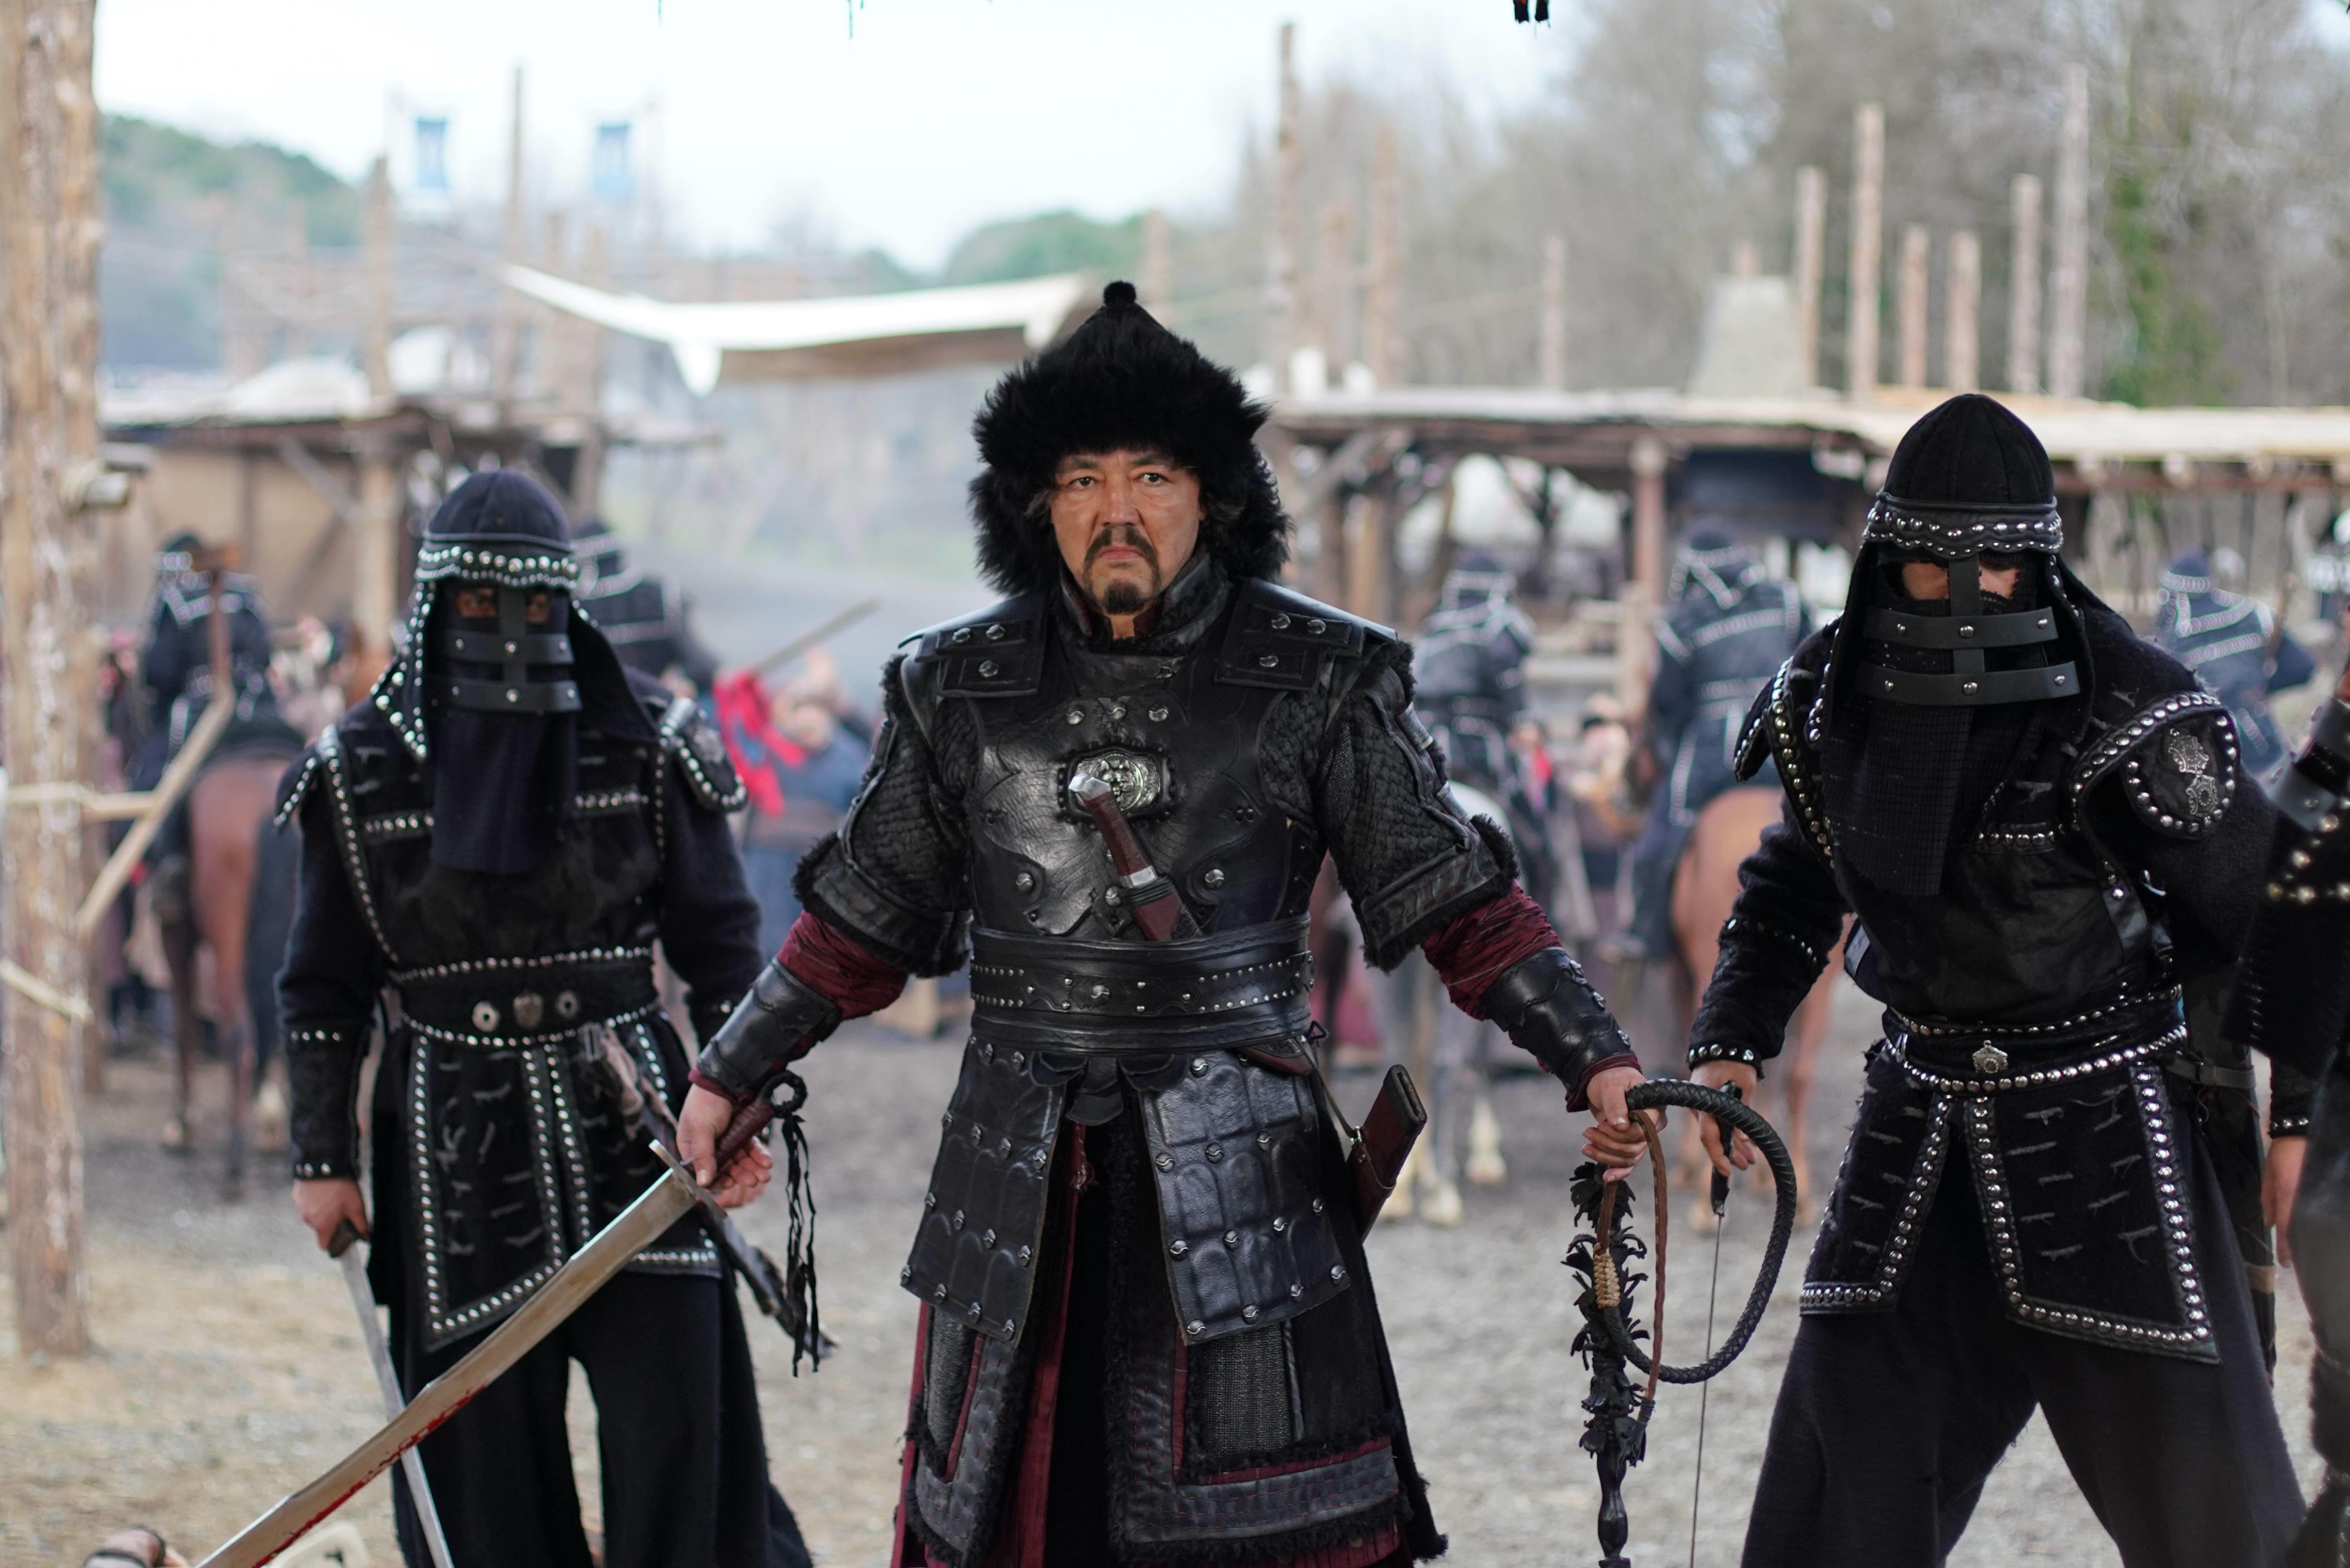 صور رسمية من الحلقة القادمة 134 من الموسم الخامس من قيامة أرطغرل بجودة عالية جداً